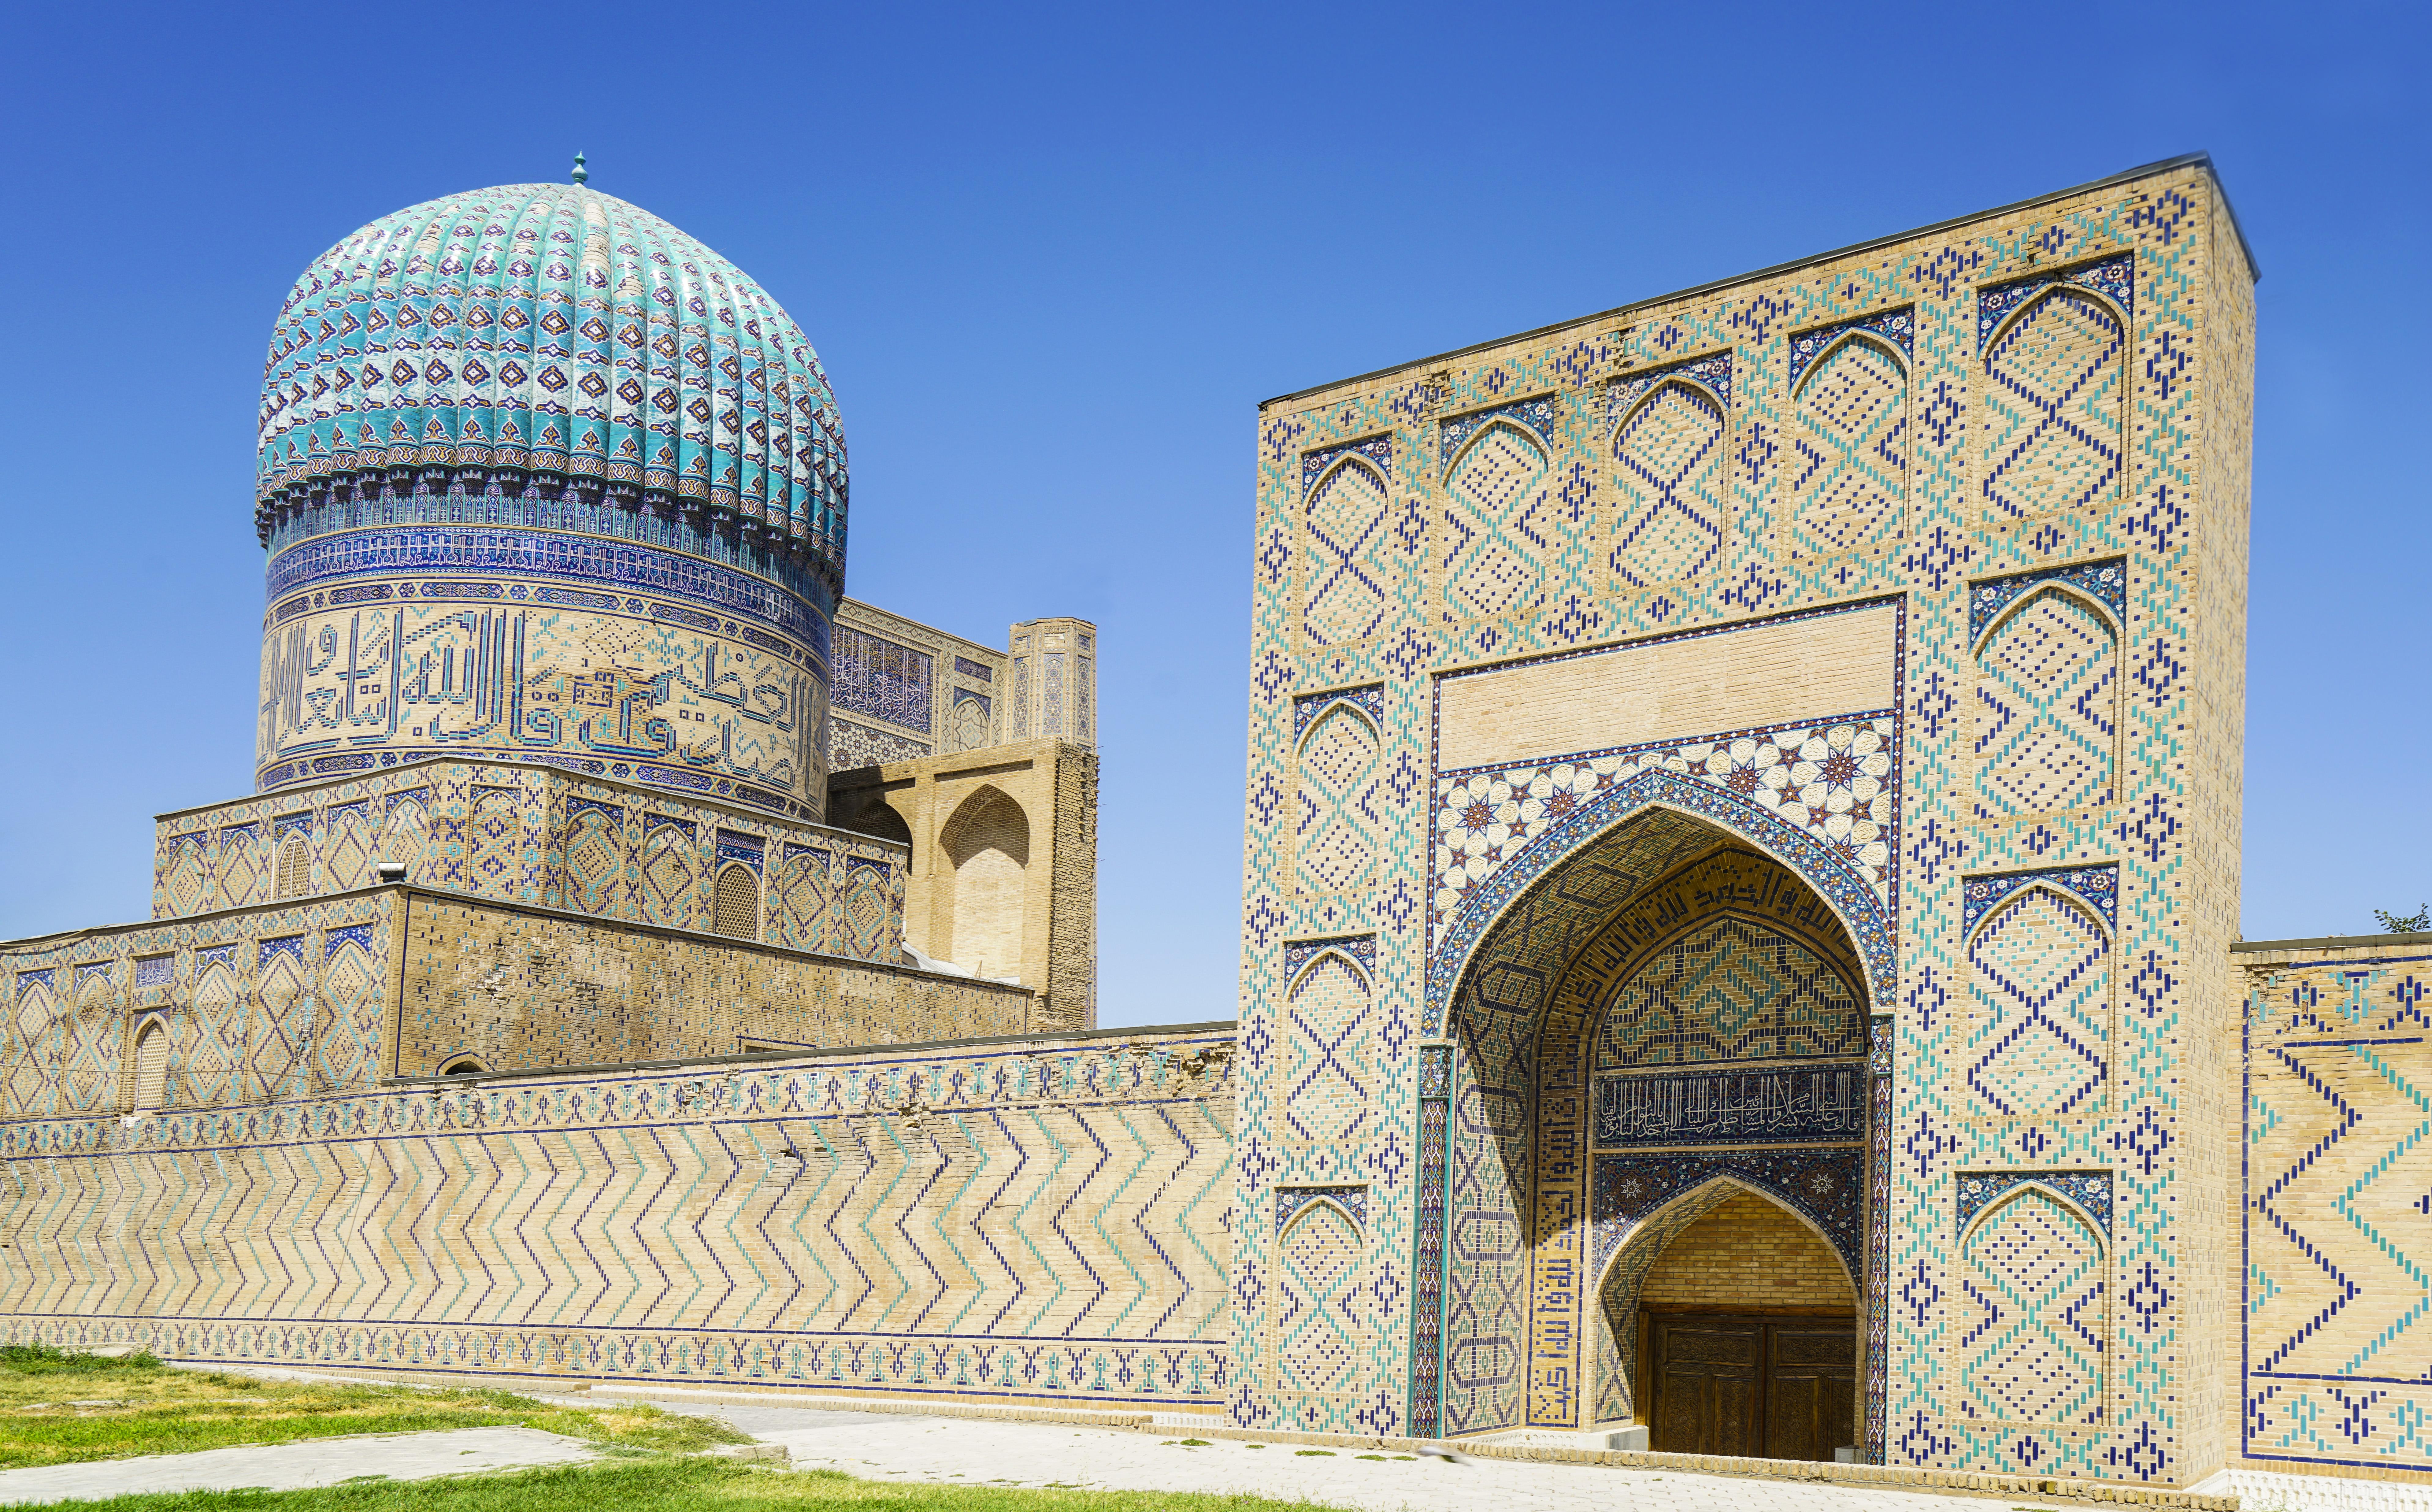 Descubre la esencia de Samarcanda - Uzbekistán Gran Viaje Uzbekistán Imprescindible